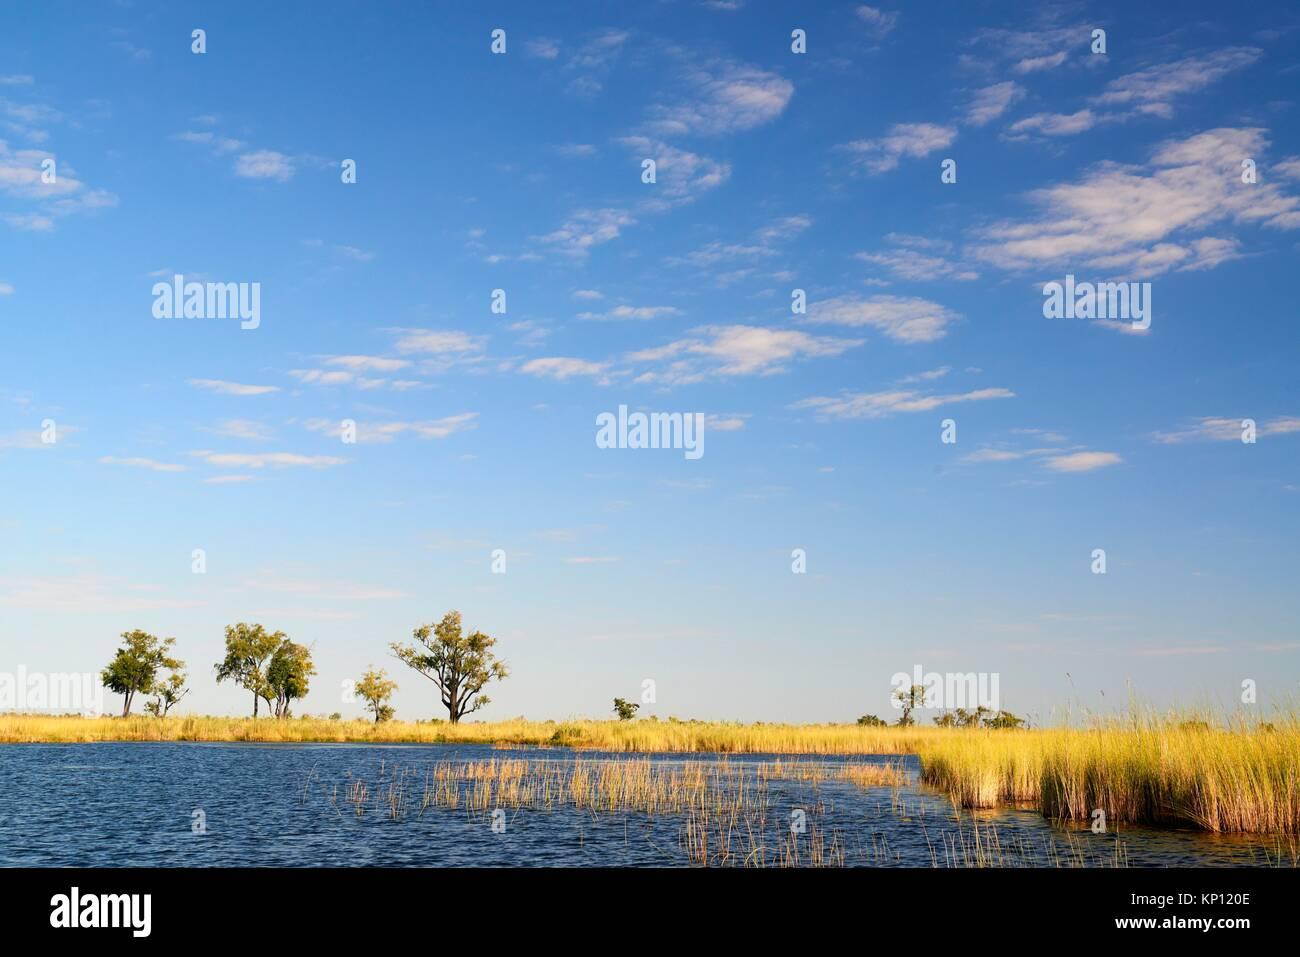 Paysage avec canal d'eau et l'herbe haute, le Parc National de Moremi, Okavango Delta, Botswana, Afrique Photo Stock